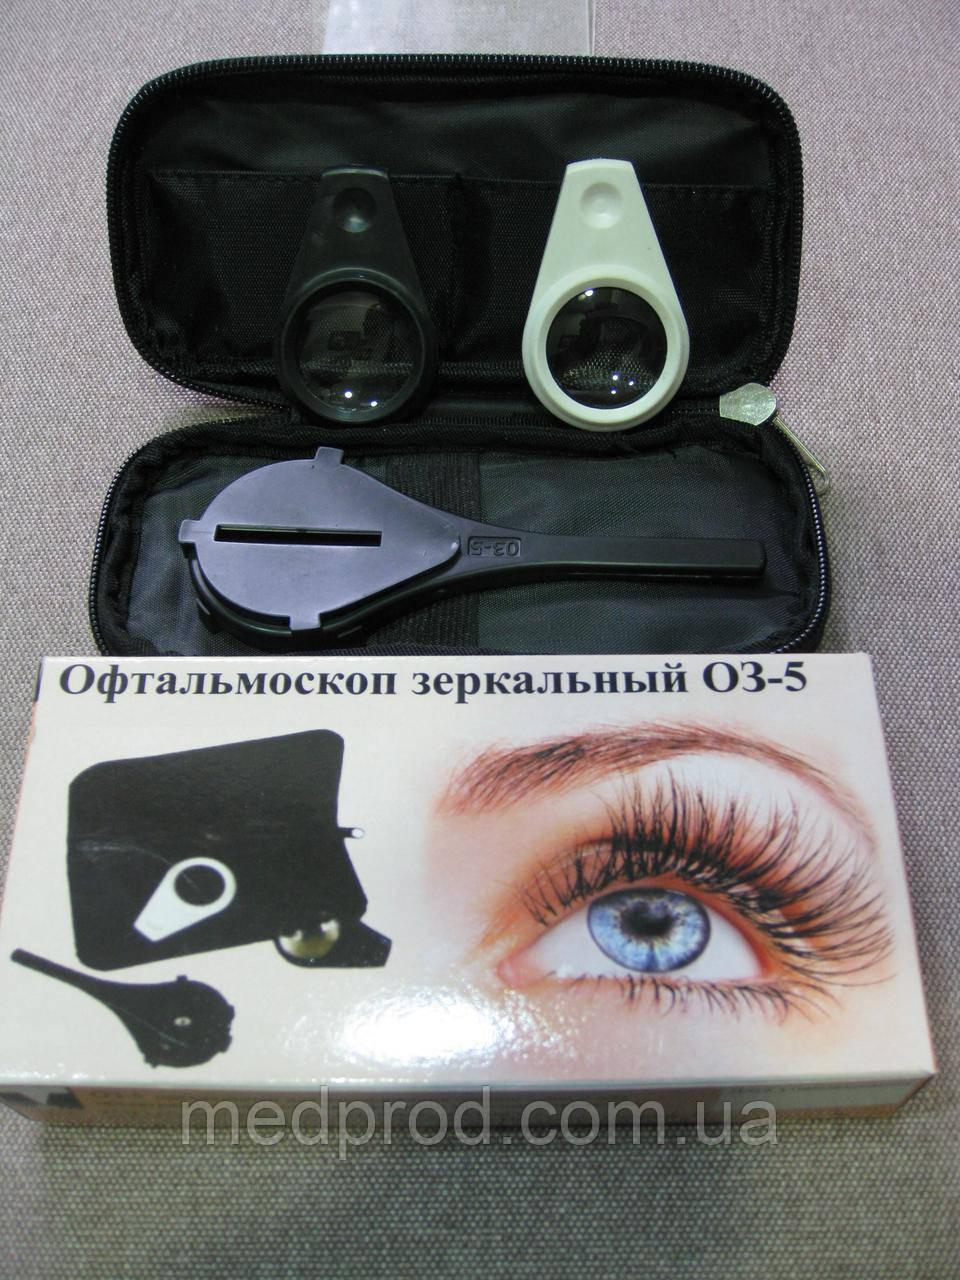 Офтальмоскоп зеркальный ОЗ-5 ручной в футляре